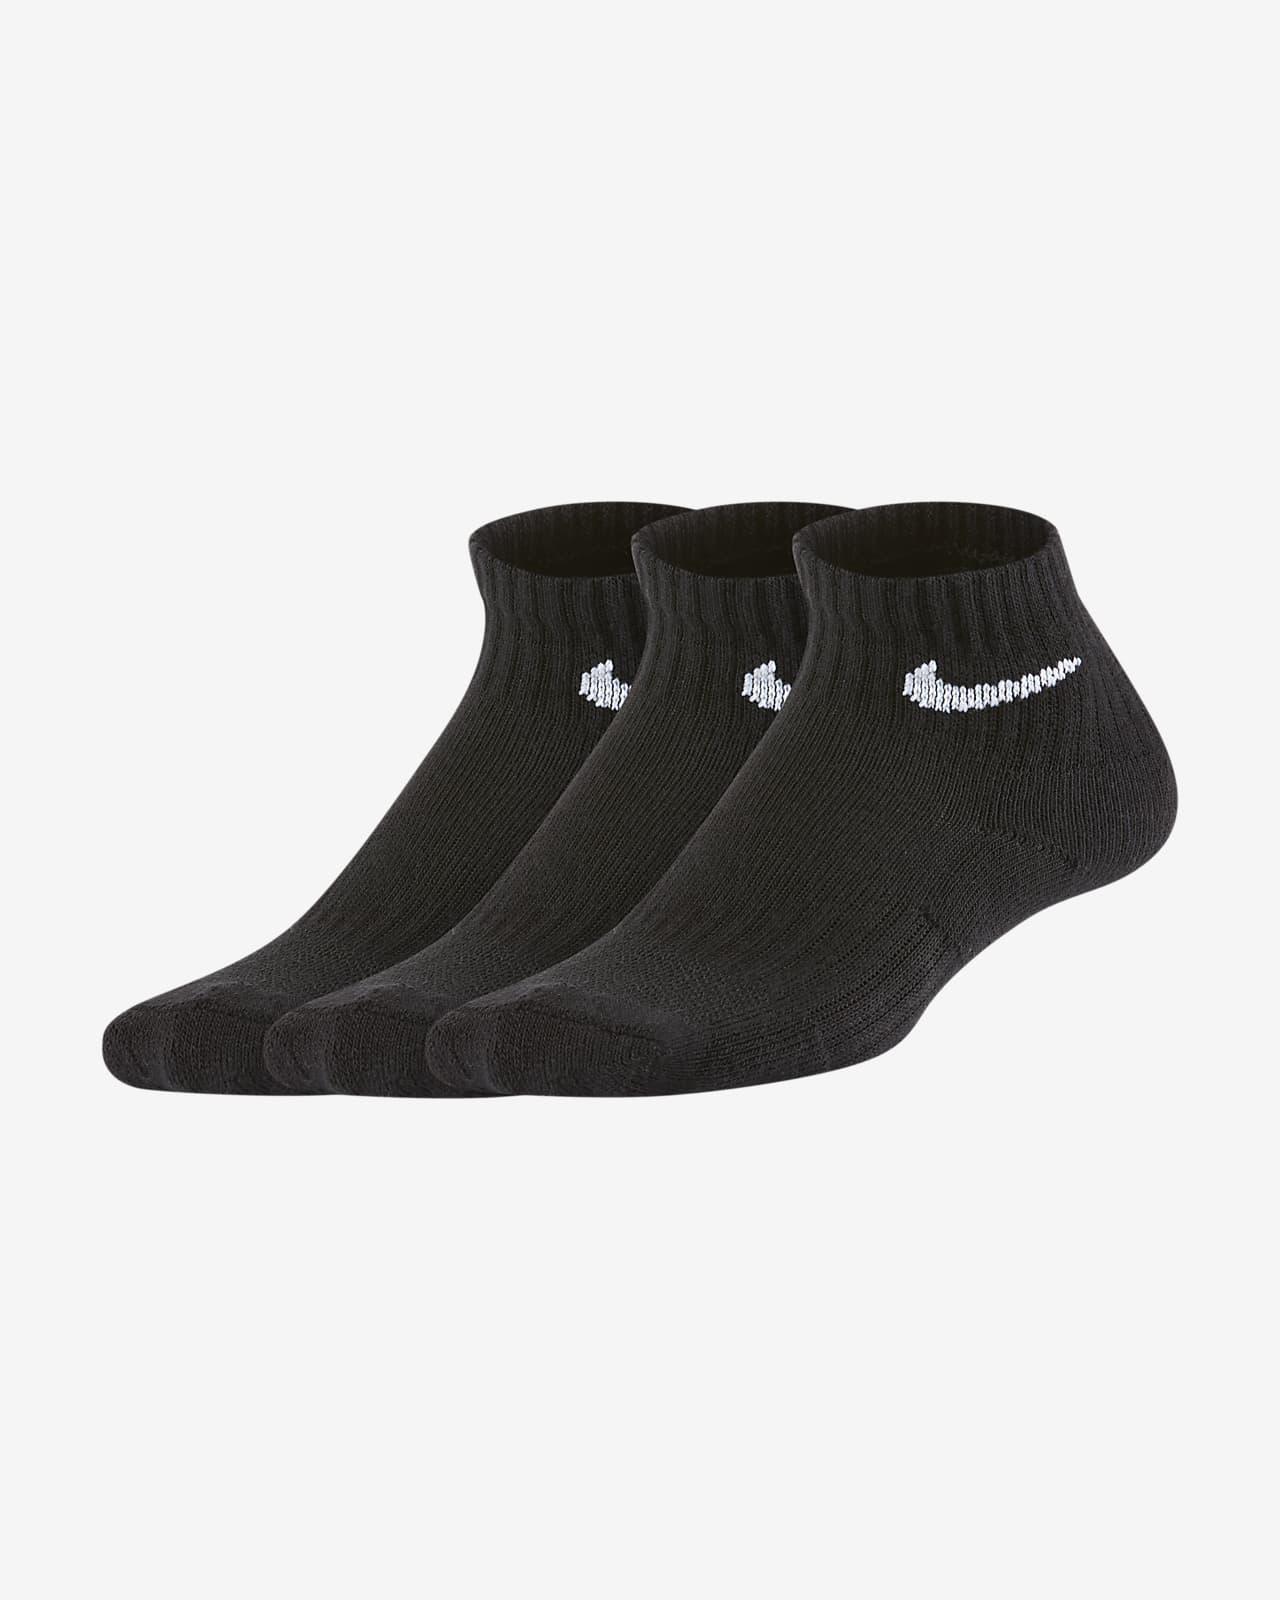 Nike Everyday-polstrede ankelstrømper til små børn (3 par)